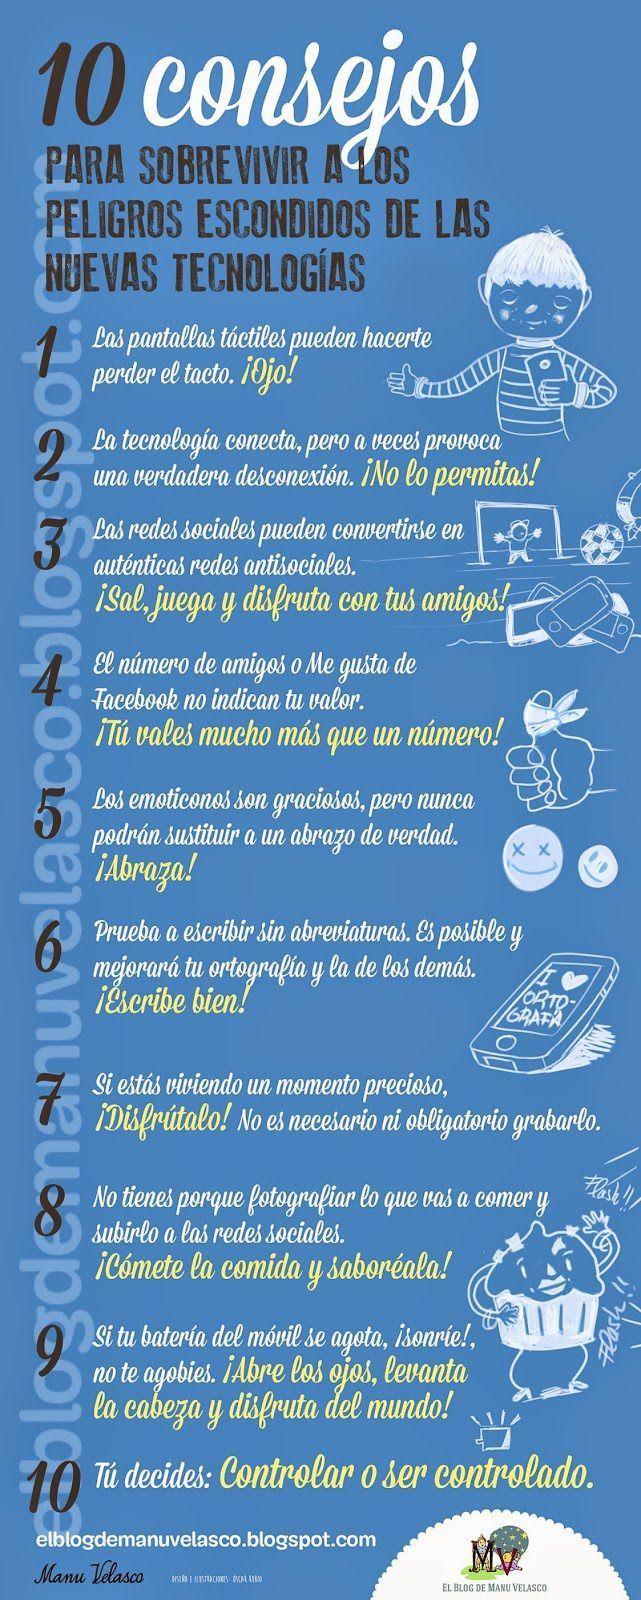 10 Consejos para sobrevivir a los peligros escondidos de las nuevas tecnologías. - - Infografía - BlogGesvin